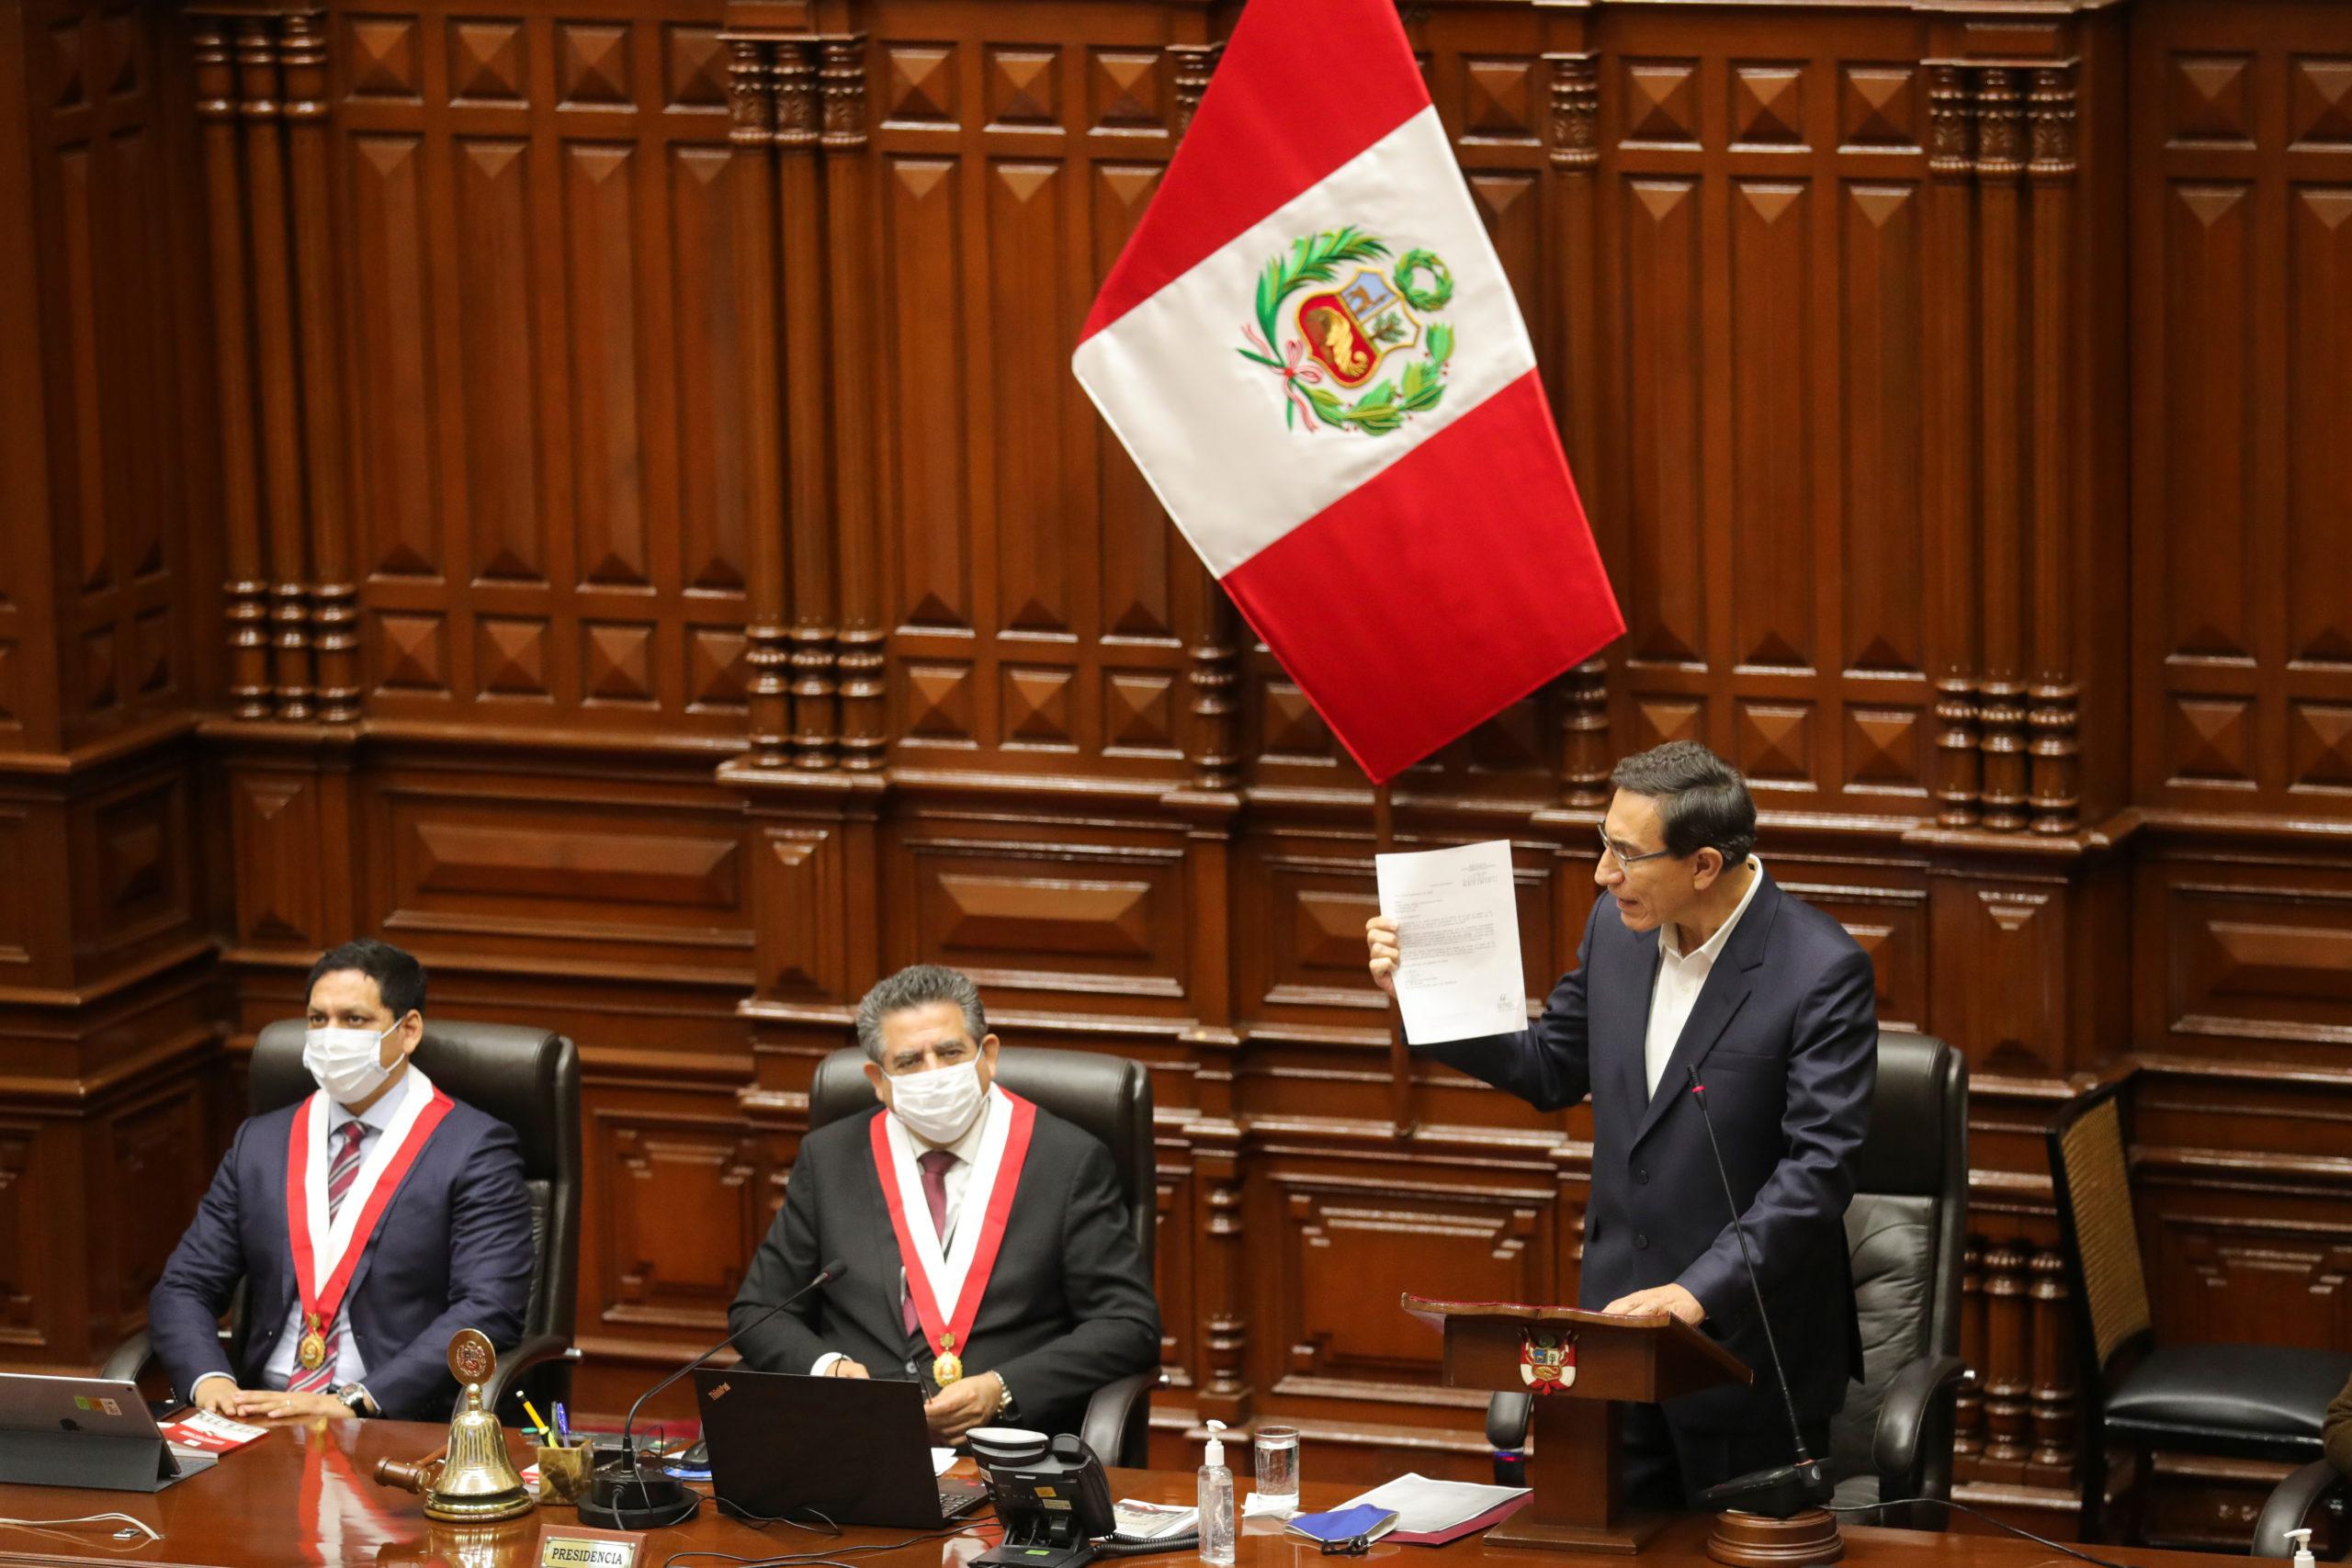 Fracasó el intento de destitución del Presidente Vizcarra en el Congreso de  Perú - NEWSWEEK ARGENTINA